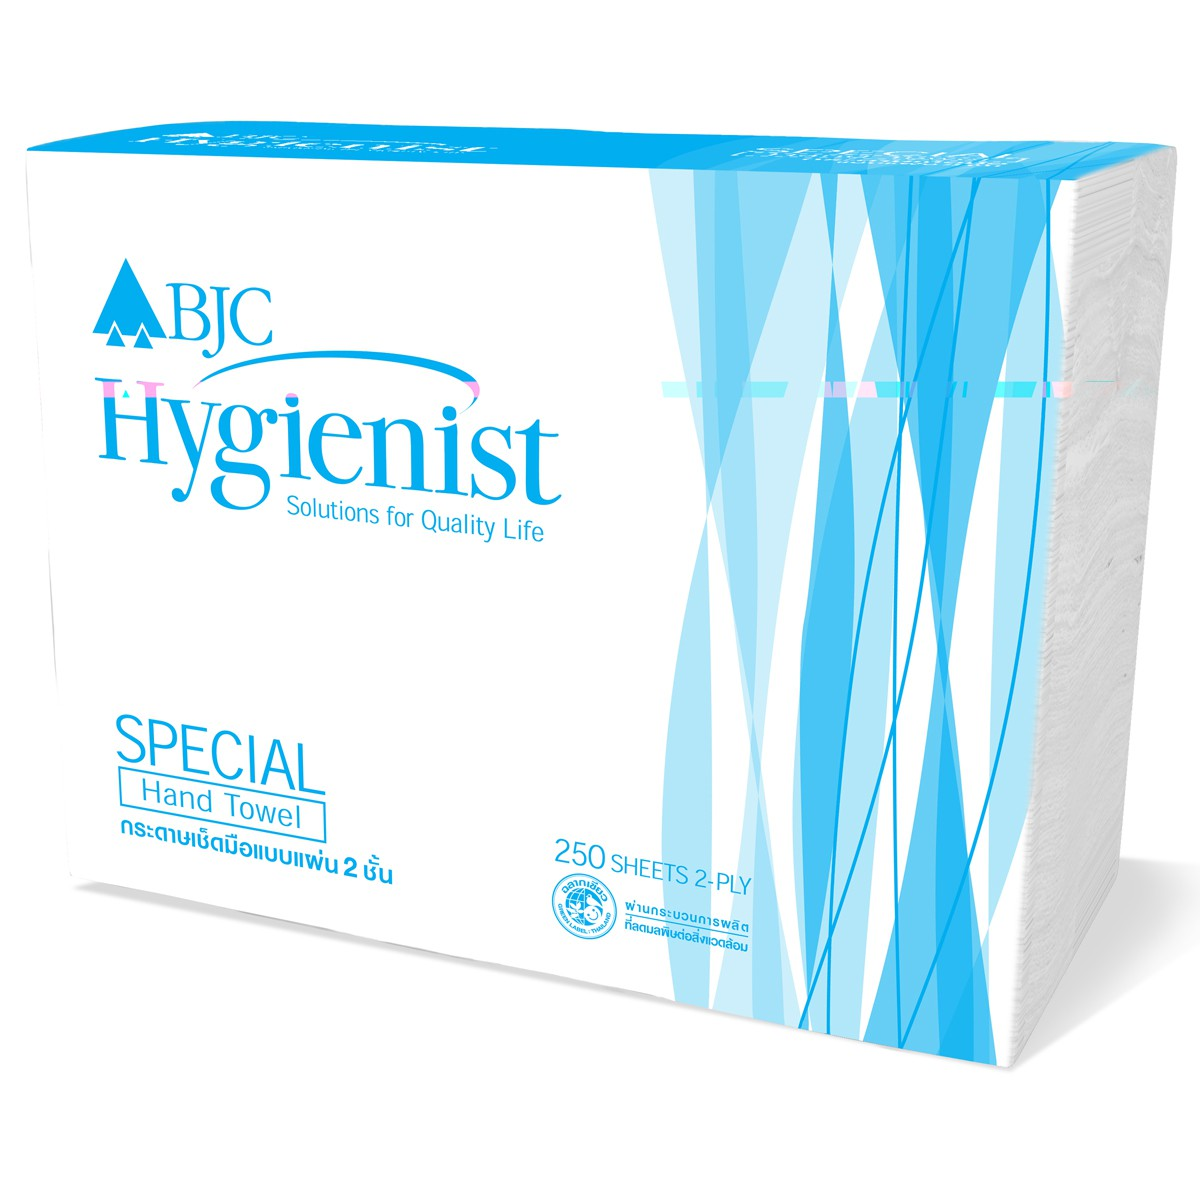 กระดาษเช็ดมือต่อเนื่องแบบแผ่น 2ชั้น BJC Hygienist Special 250 แผ่น/ห่อ BH044125